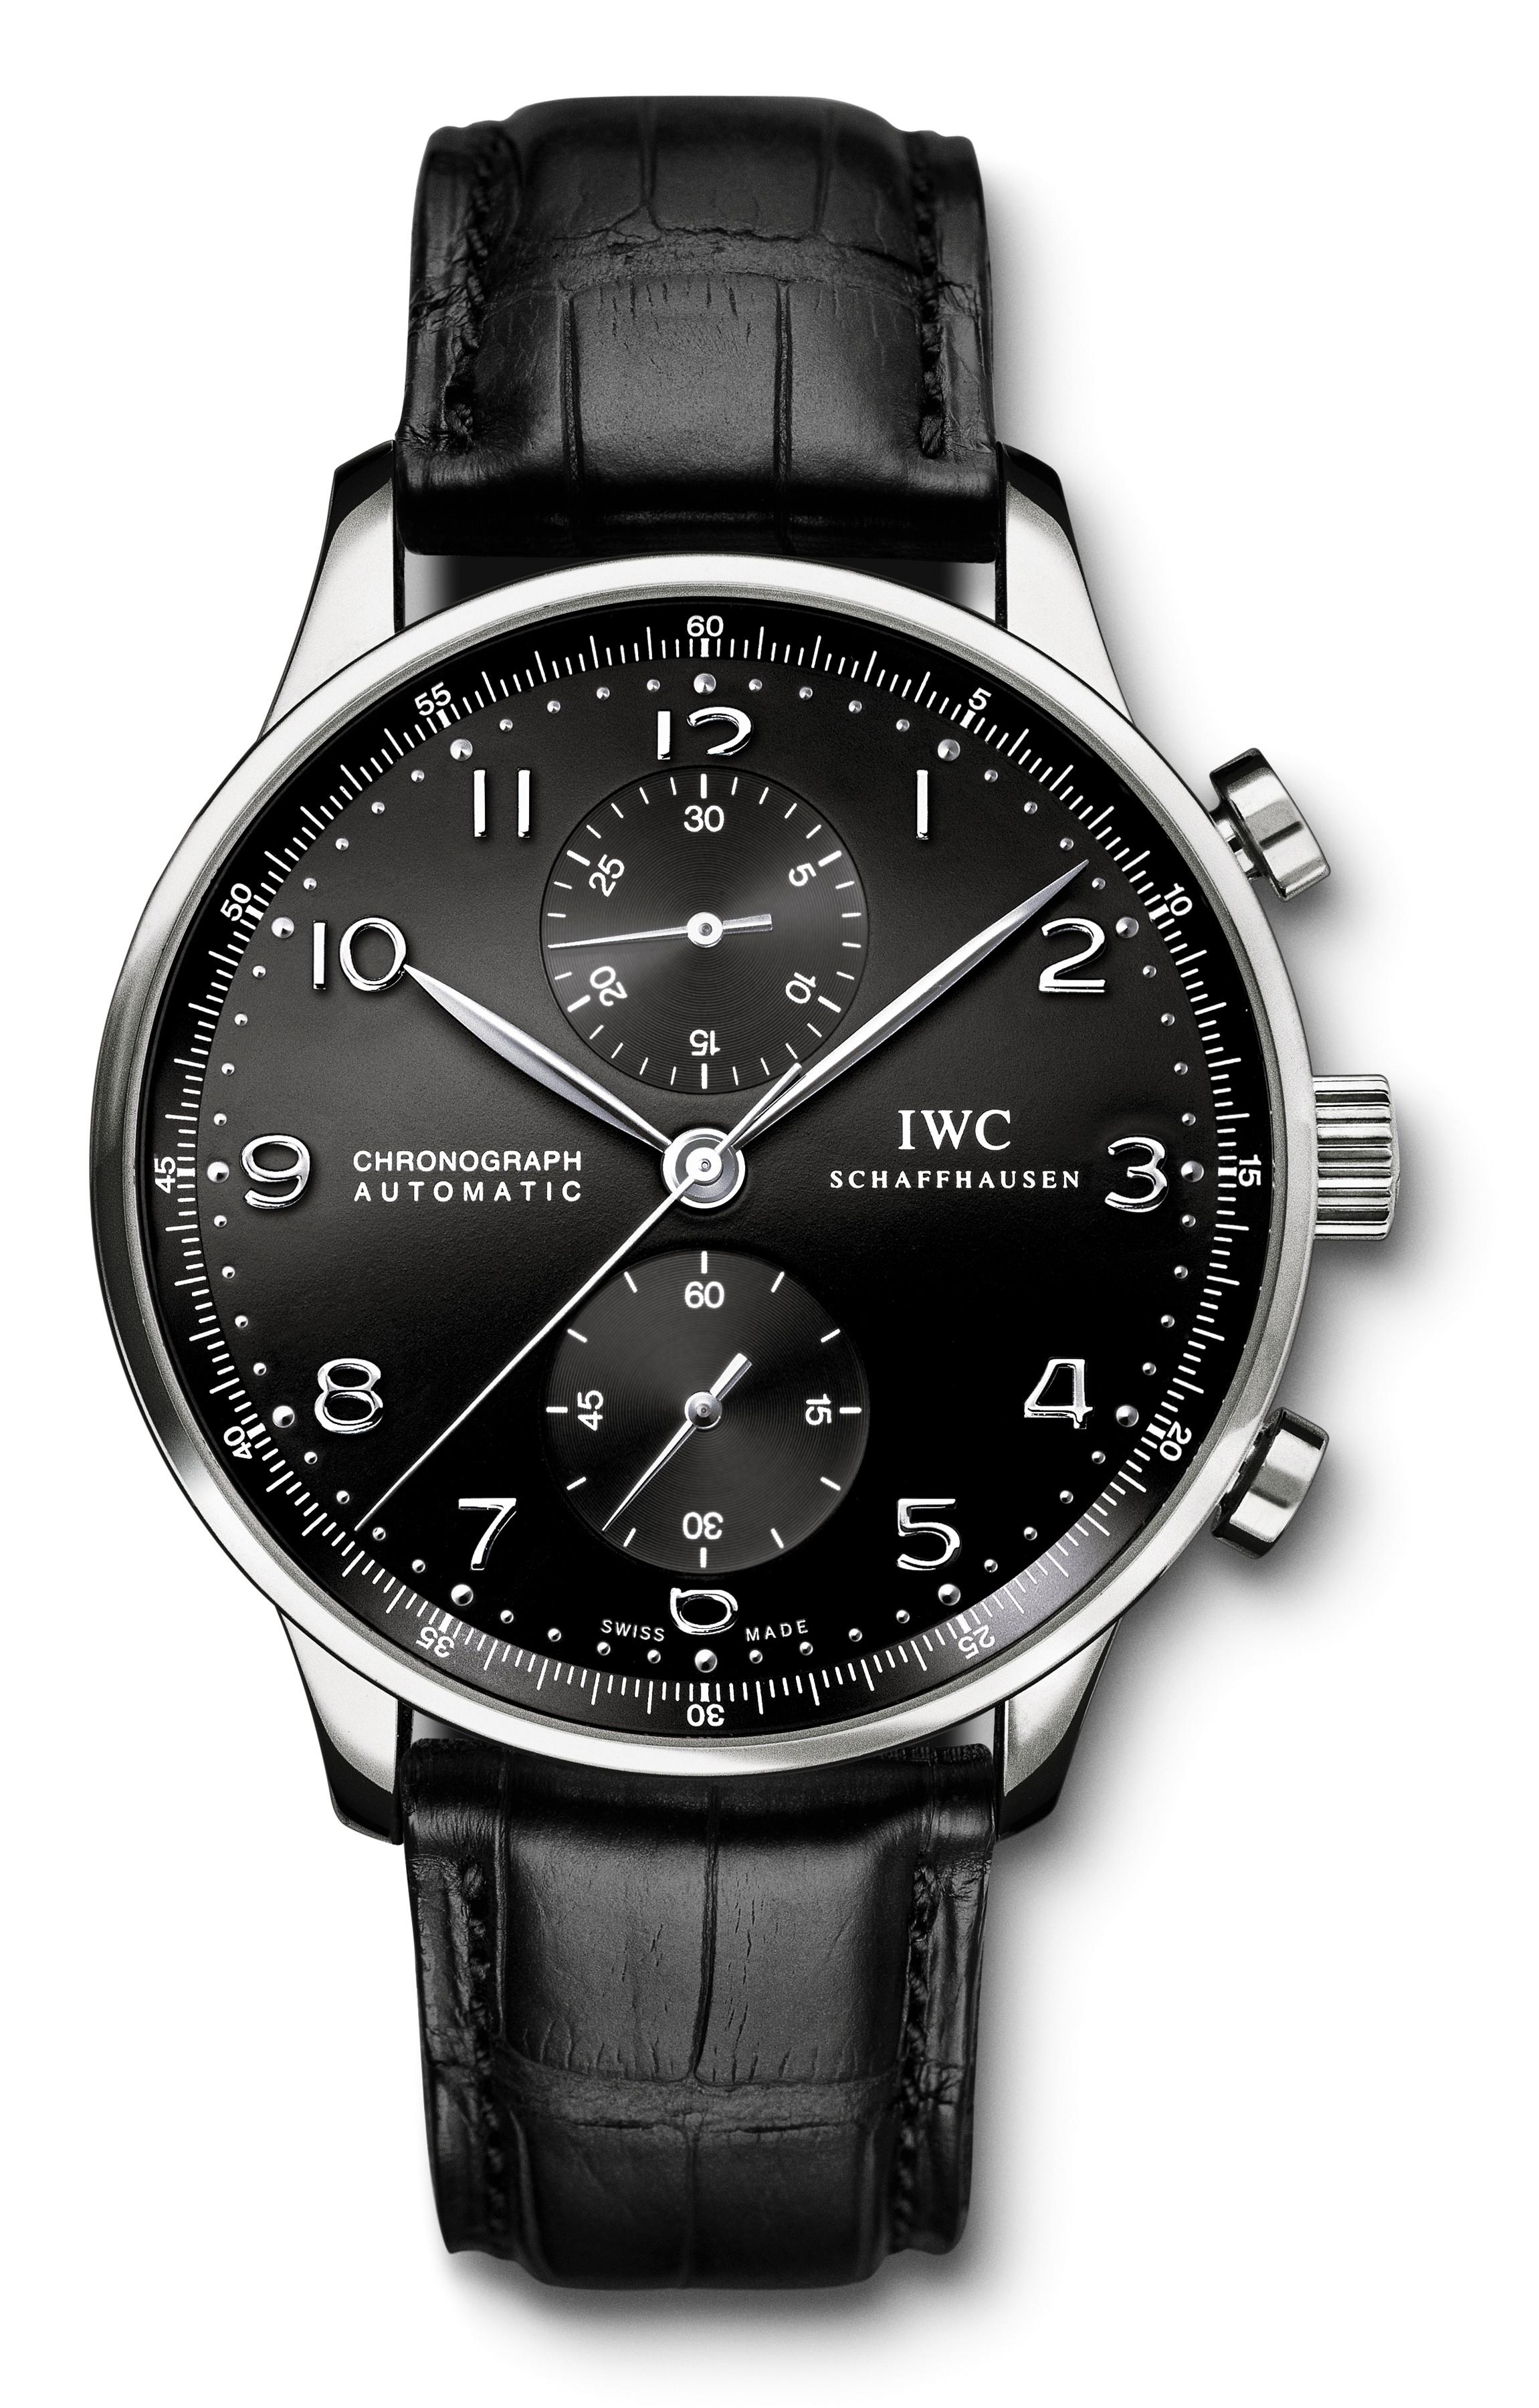 本日の入荷商品 IWC ポルトギーゼ・クロノグラフ ブラック文字盤 IW371447